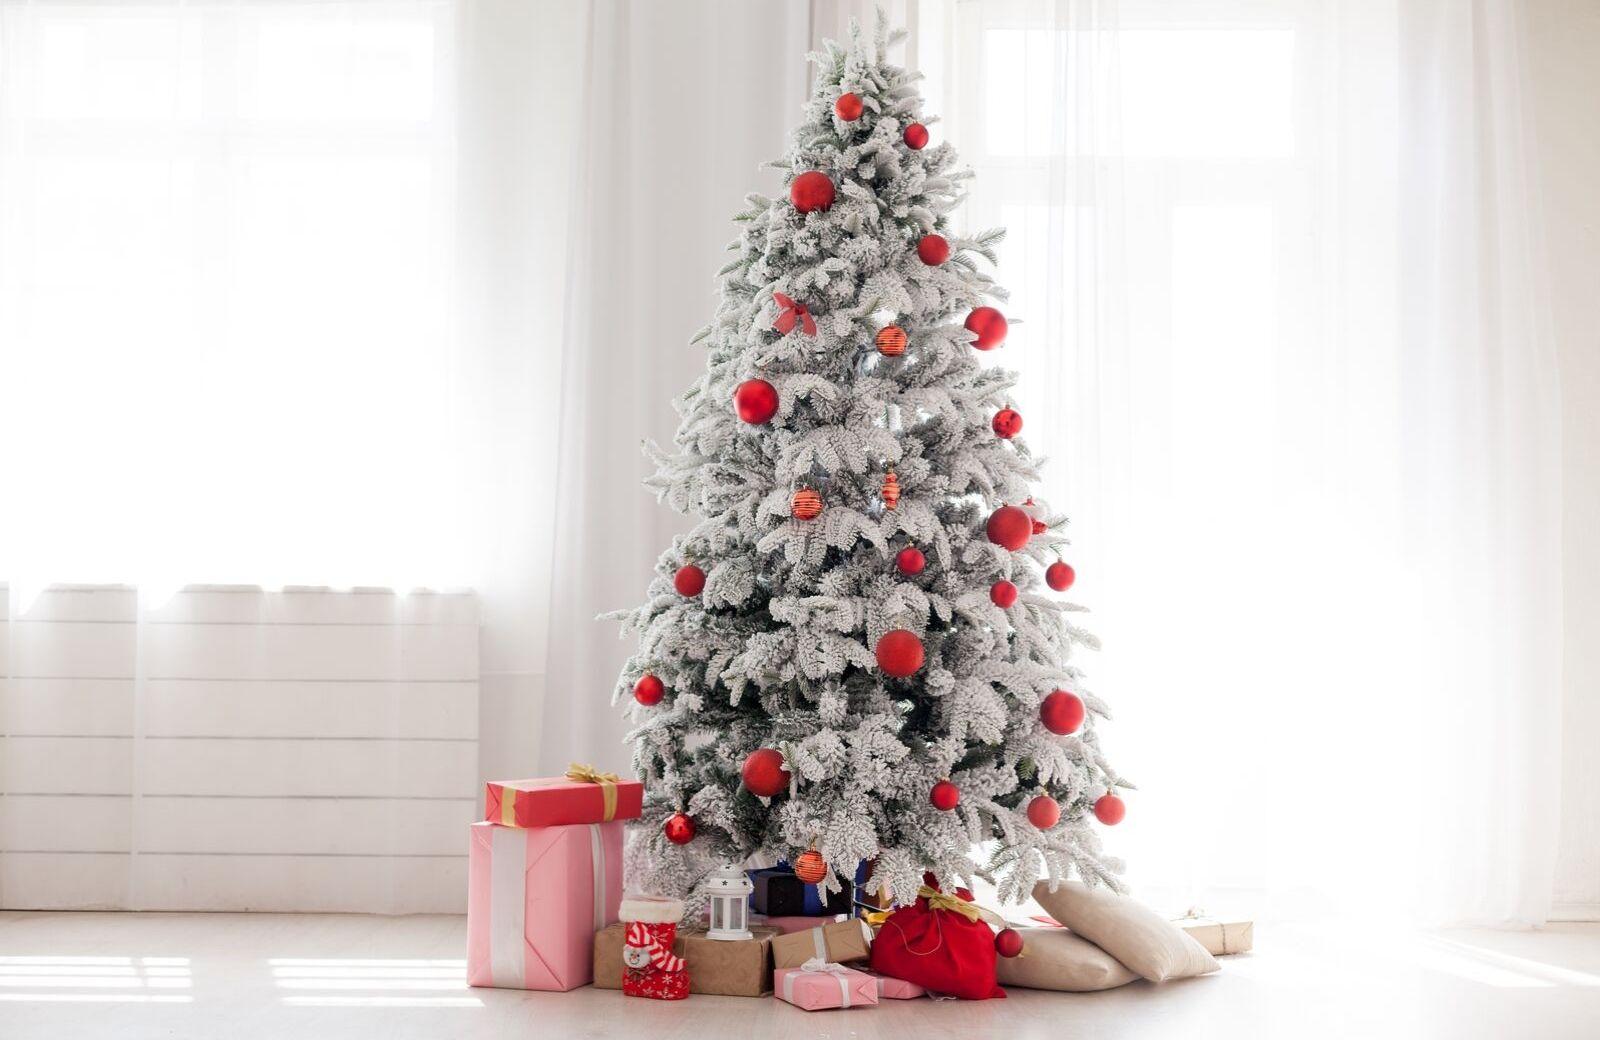 Kunststoff Weihnachtsbaum.Sehen Jahr Fur Jahr Toll Aus Die 5 Besten Kunstlichen